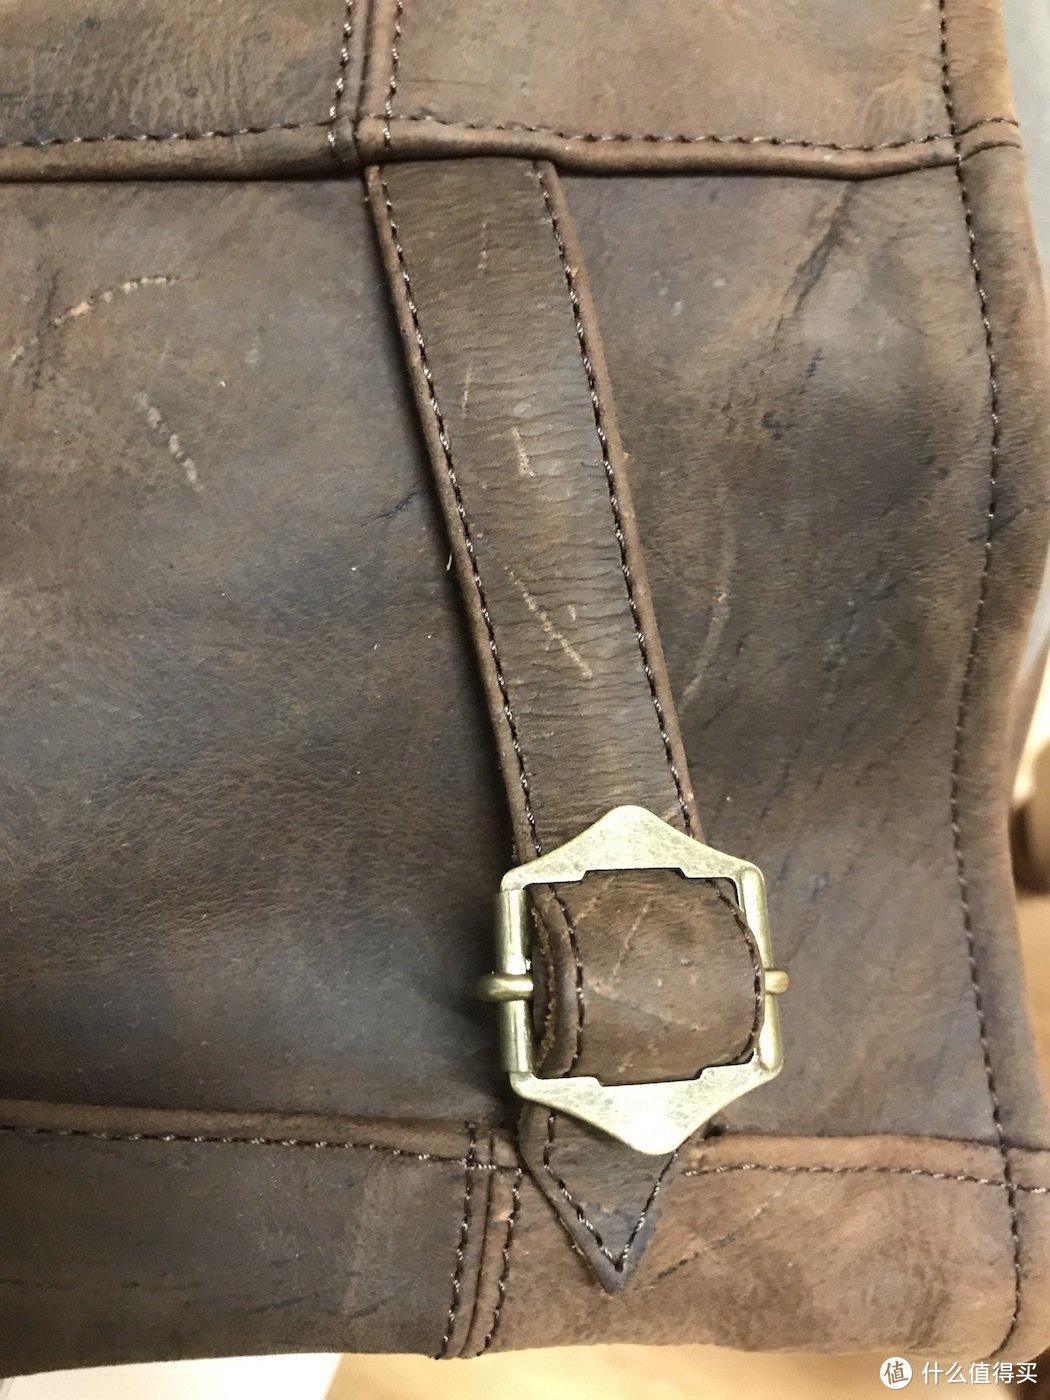 后面的铜扣